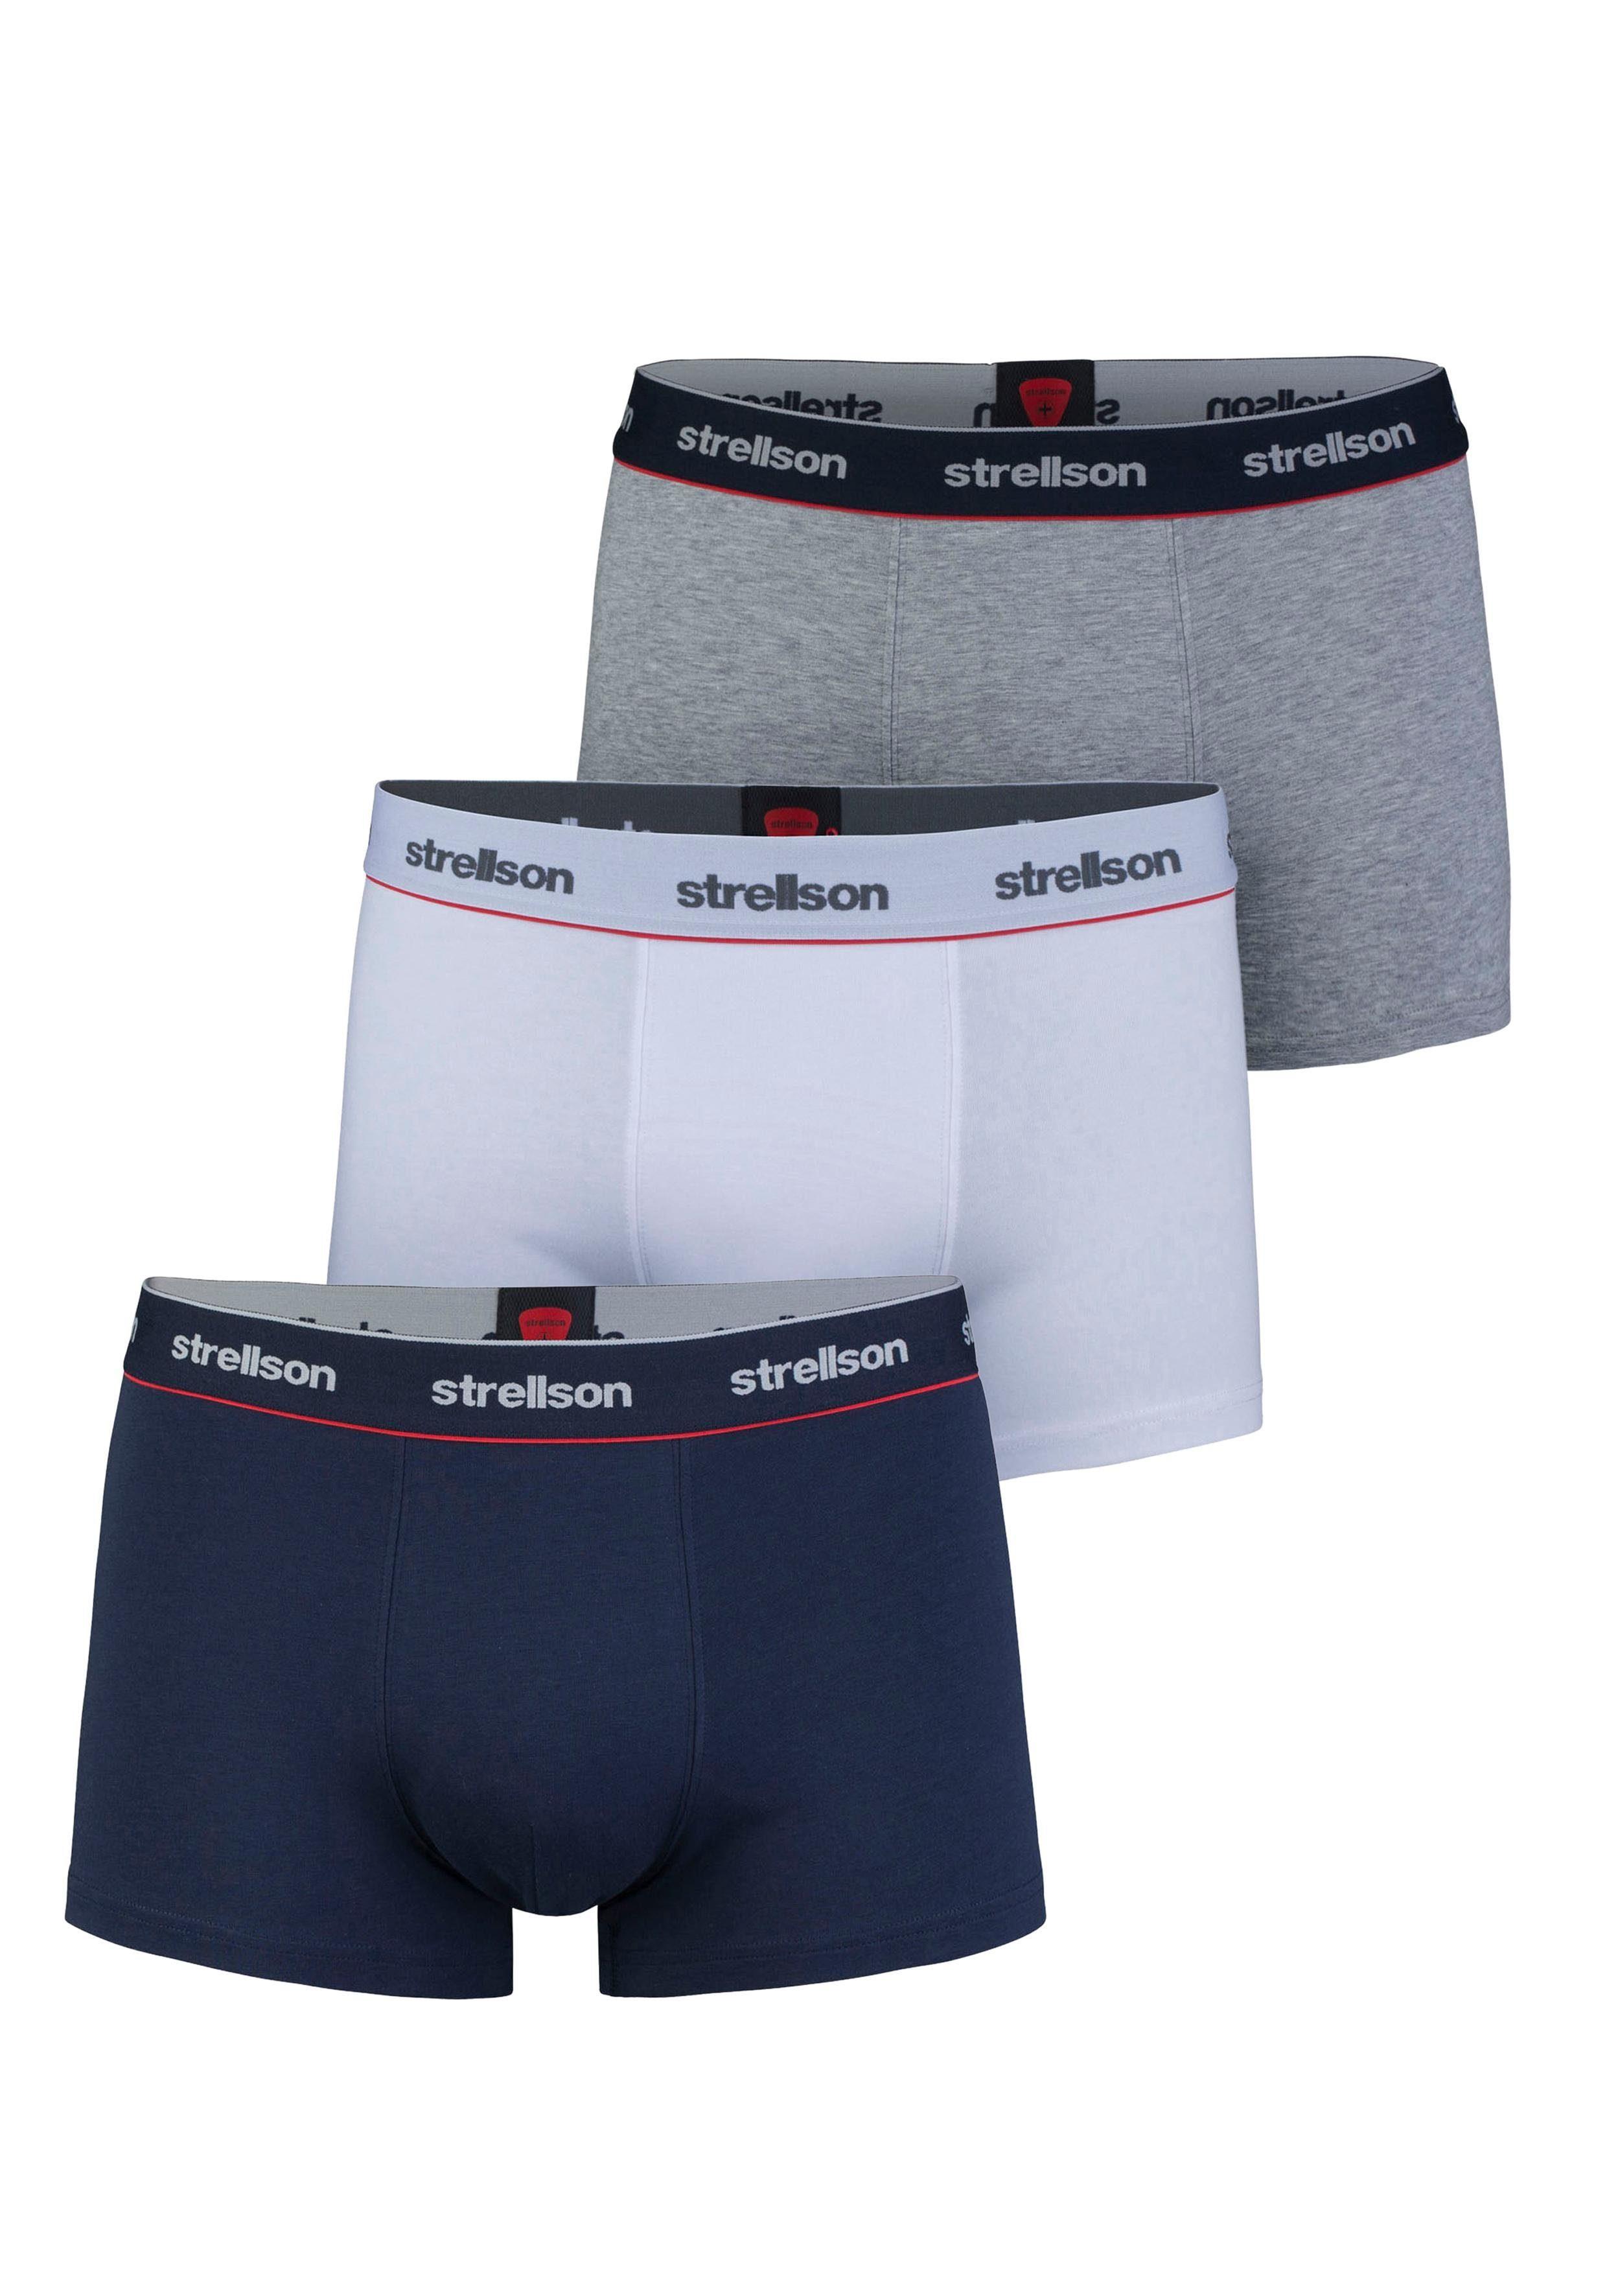 Strellson Boxershort Snel Gevonden - Geweldige Prijs